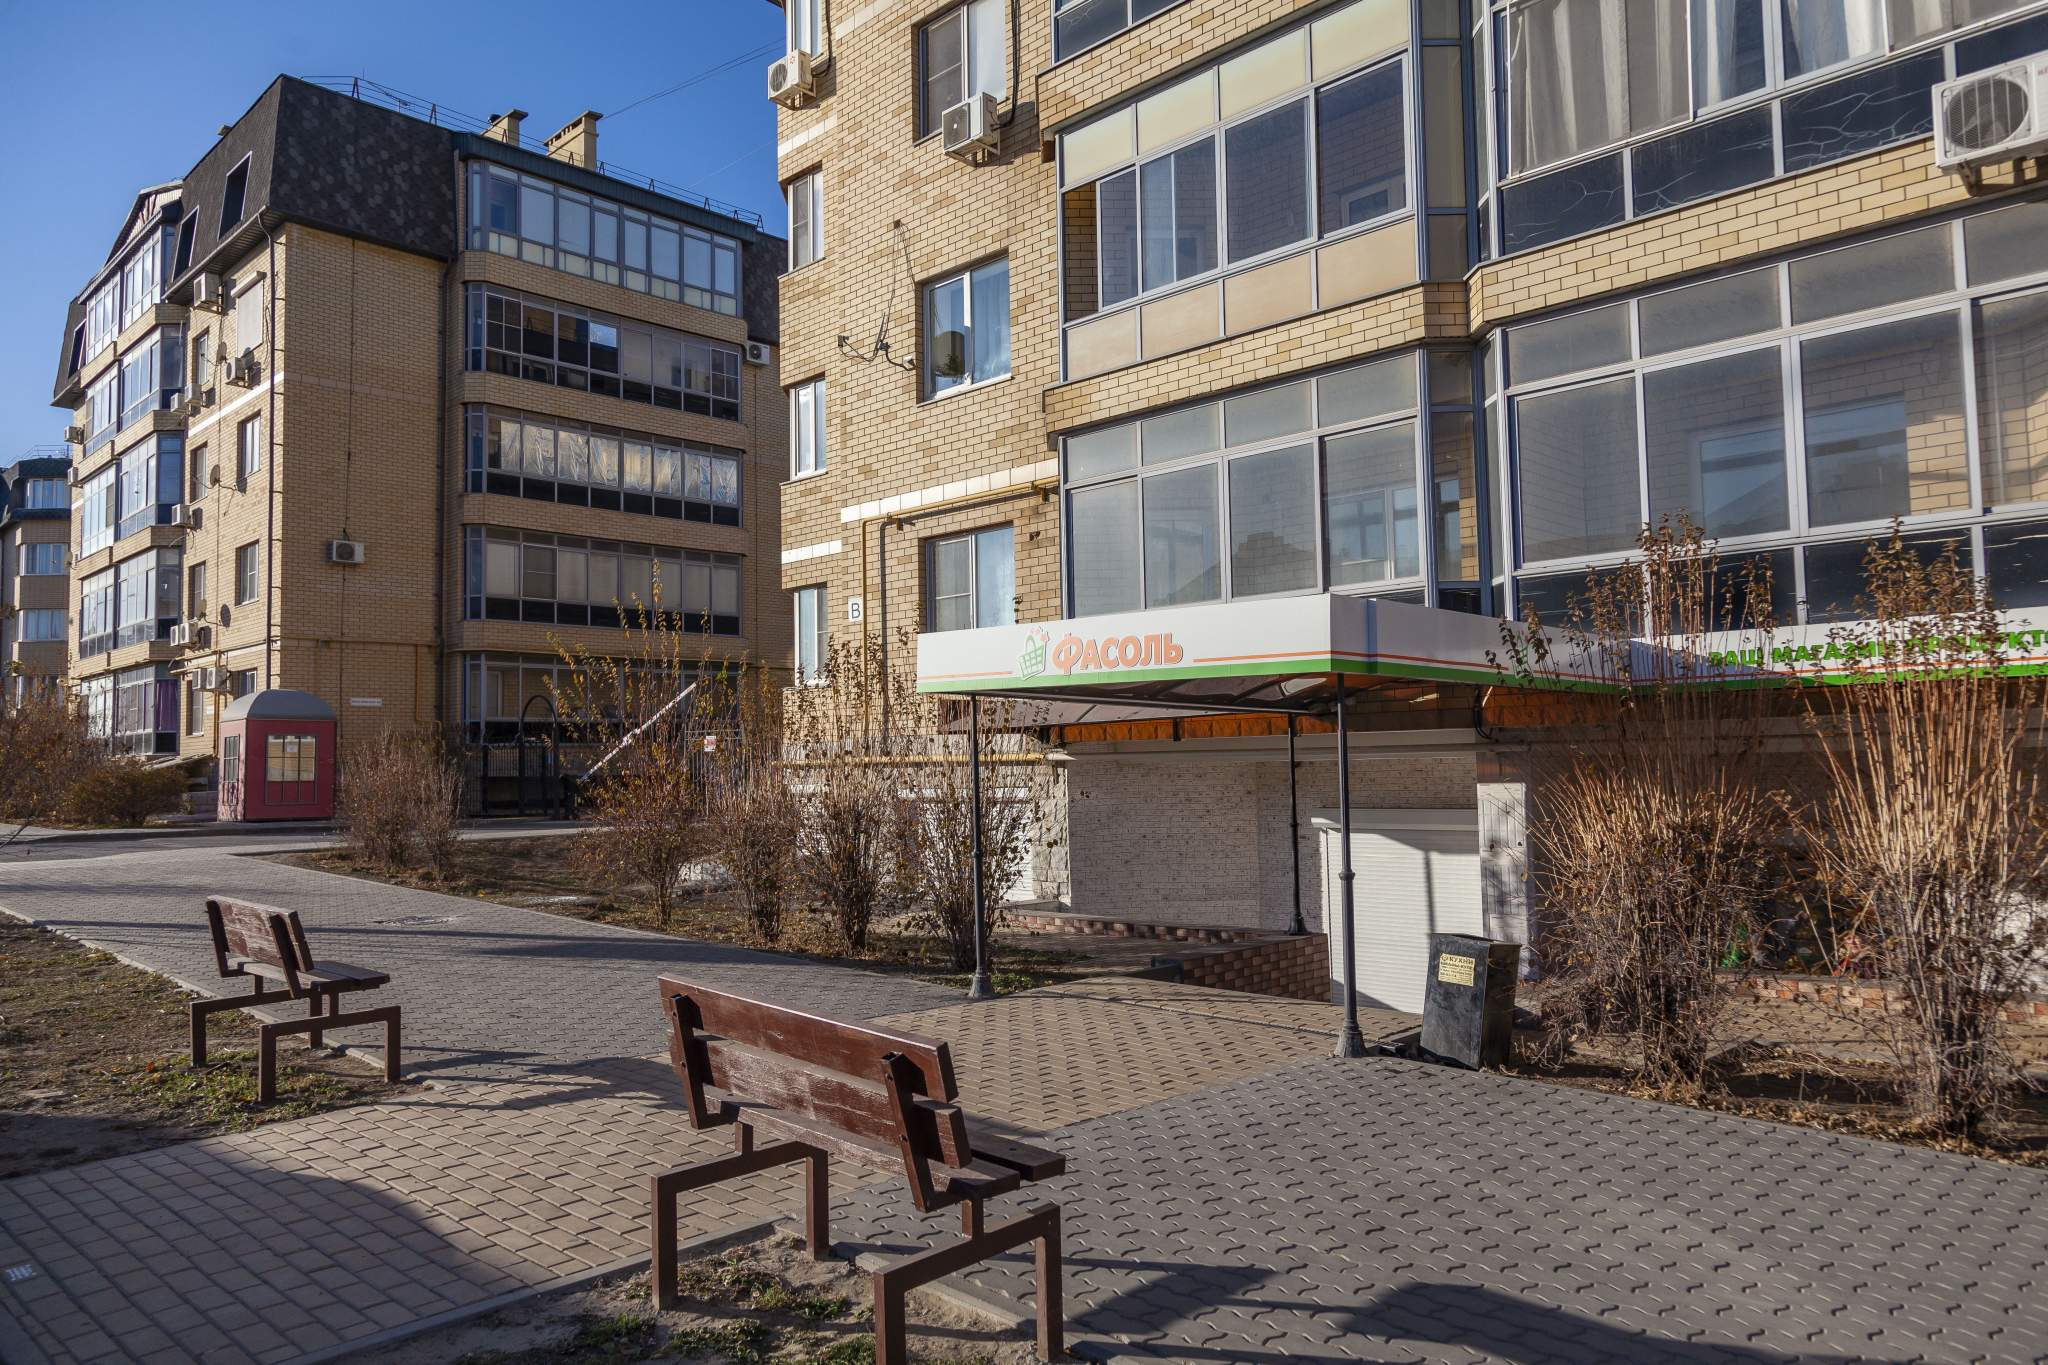 Помещения Свободного Назначения на продажу по адресу Россия, Волгоградская обл, Волгоград, Шекснинская улица, 87